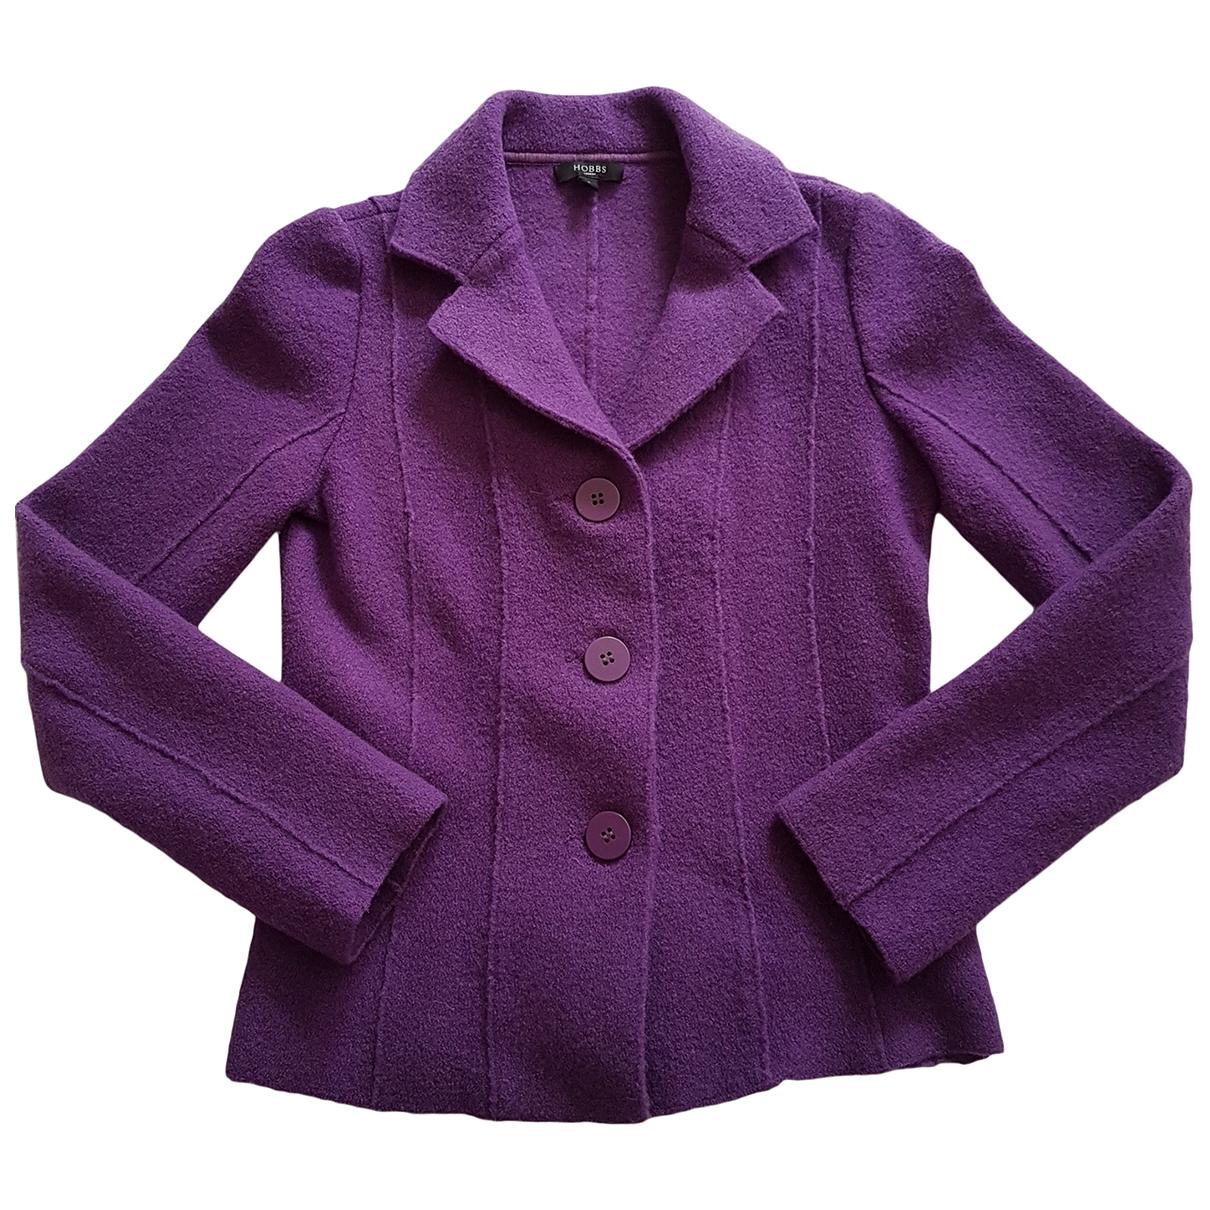 Hobbs \N Purple Wool jacket for Women 8 UK